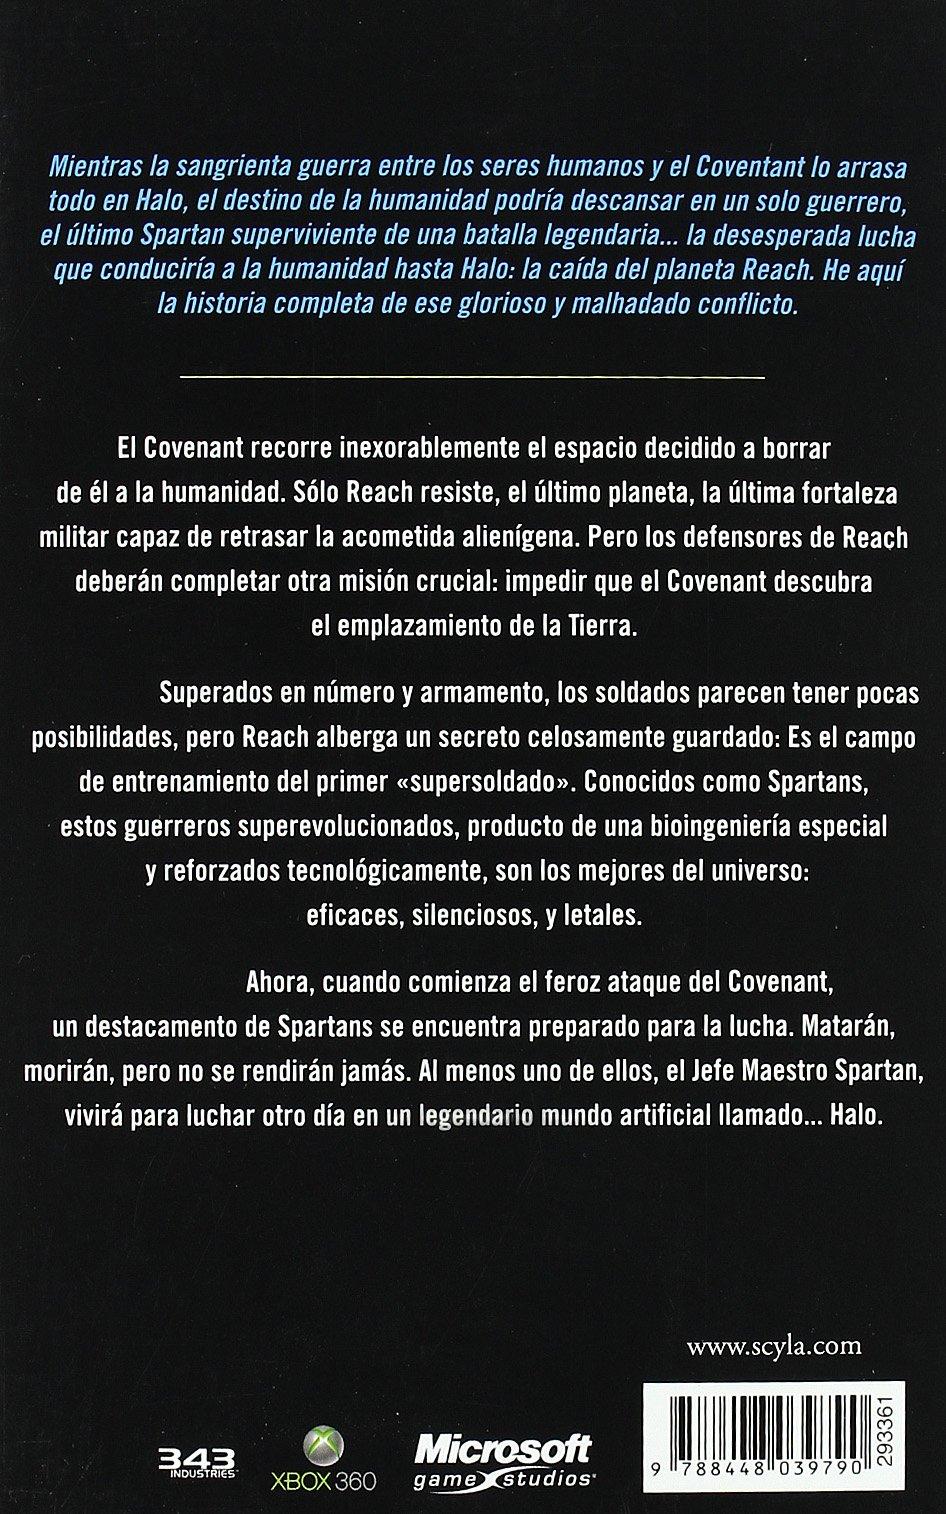 HALO: LA CAIDA DE REACH (HALO 01) CIENCIA FICCION: ERIC ...